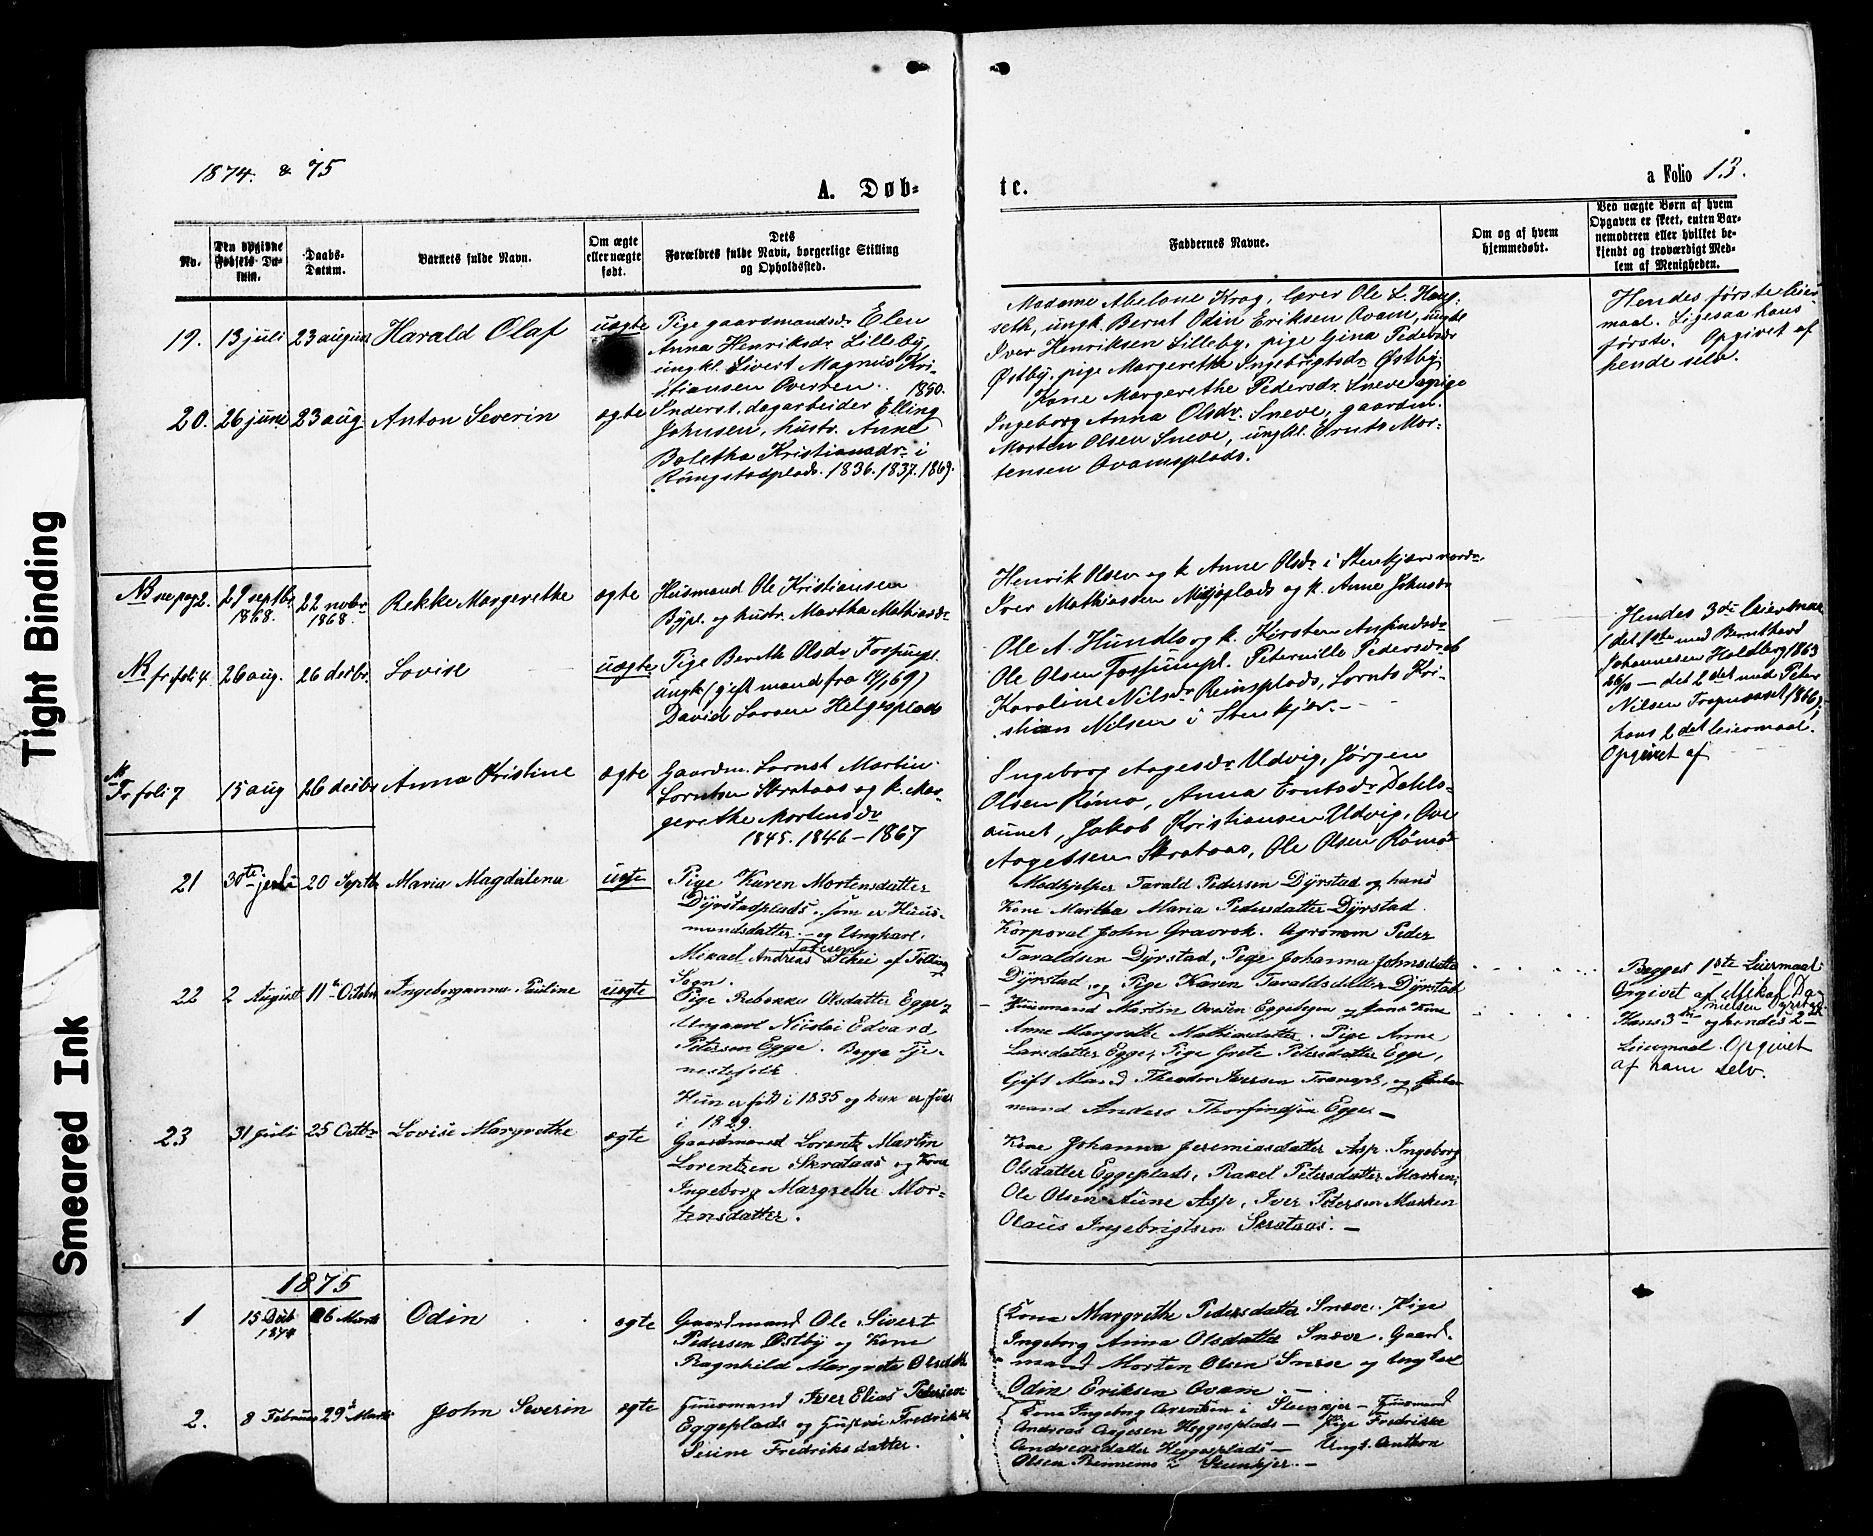 SAT, Ministerialprotokoller, klokkerbøker og fødselsregistre - Nord-Trøndelag, 740/L0380: Klokkerbok nr. 740C01, 1868-1902, s. 13